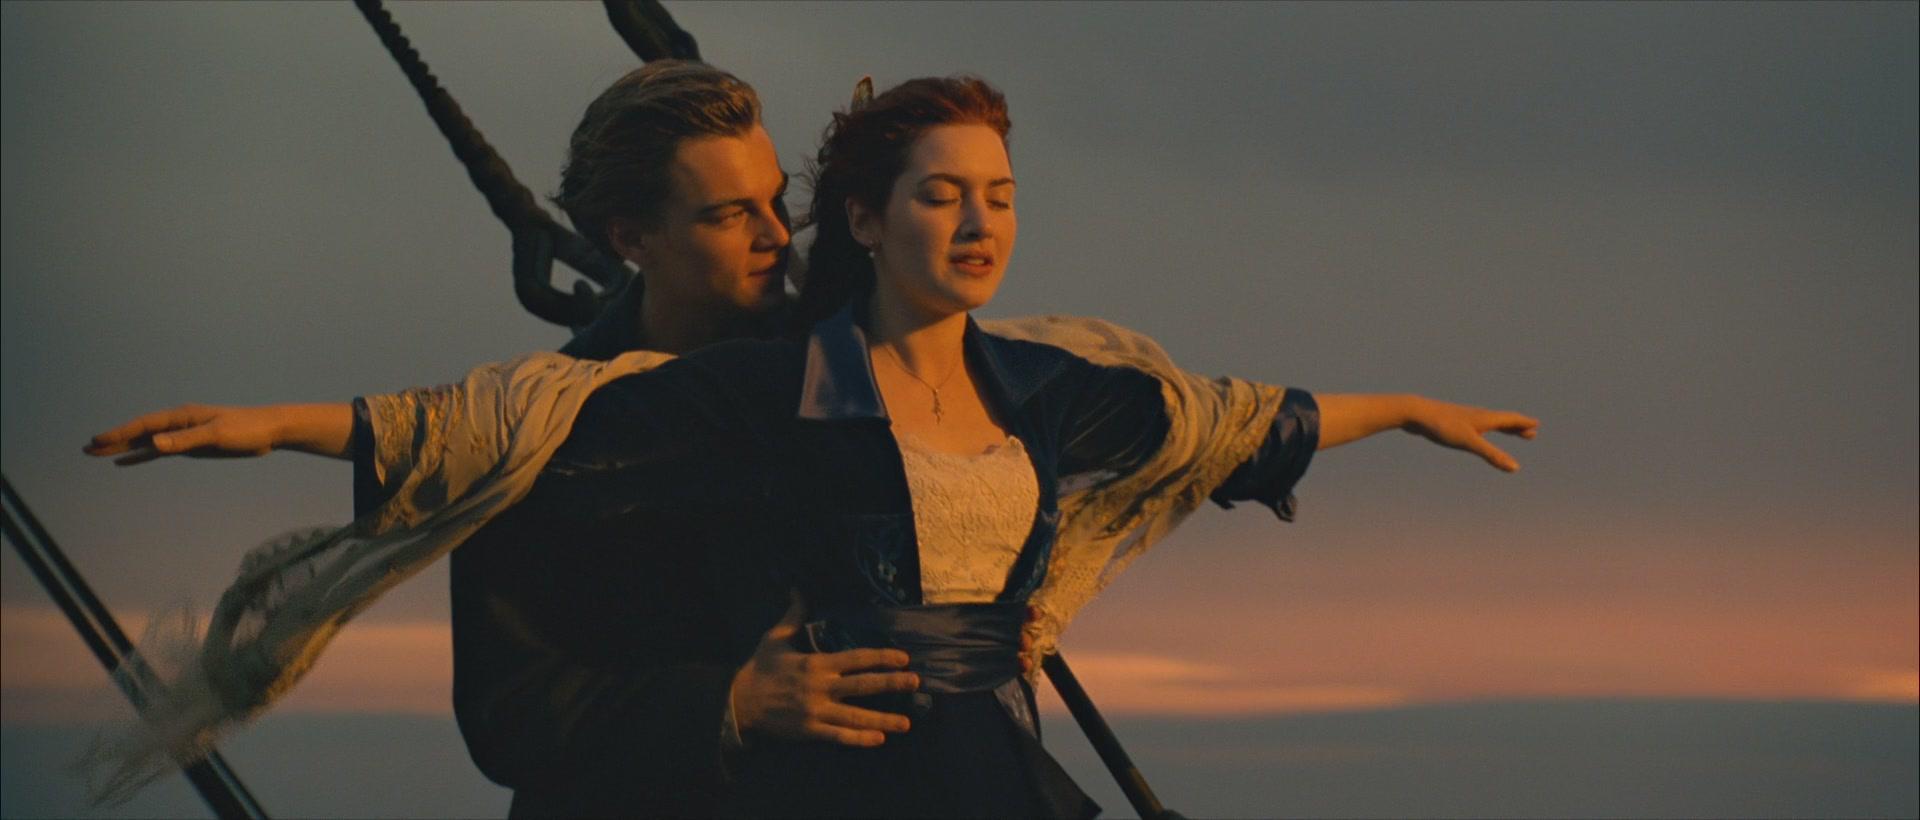 TitanicFilm.jpg